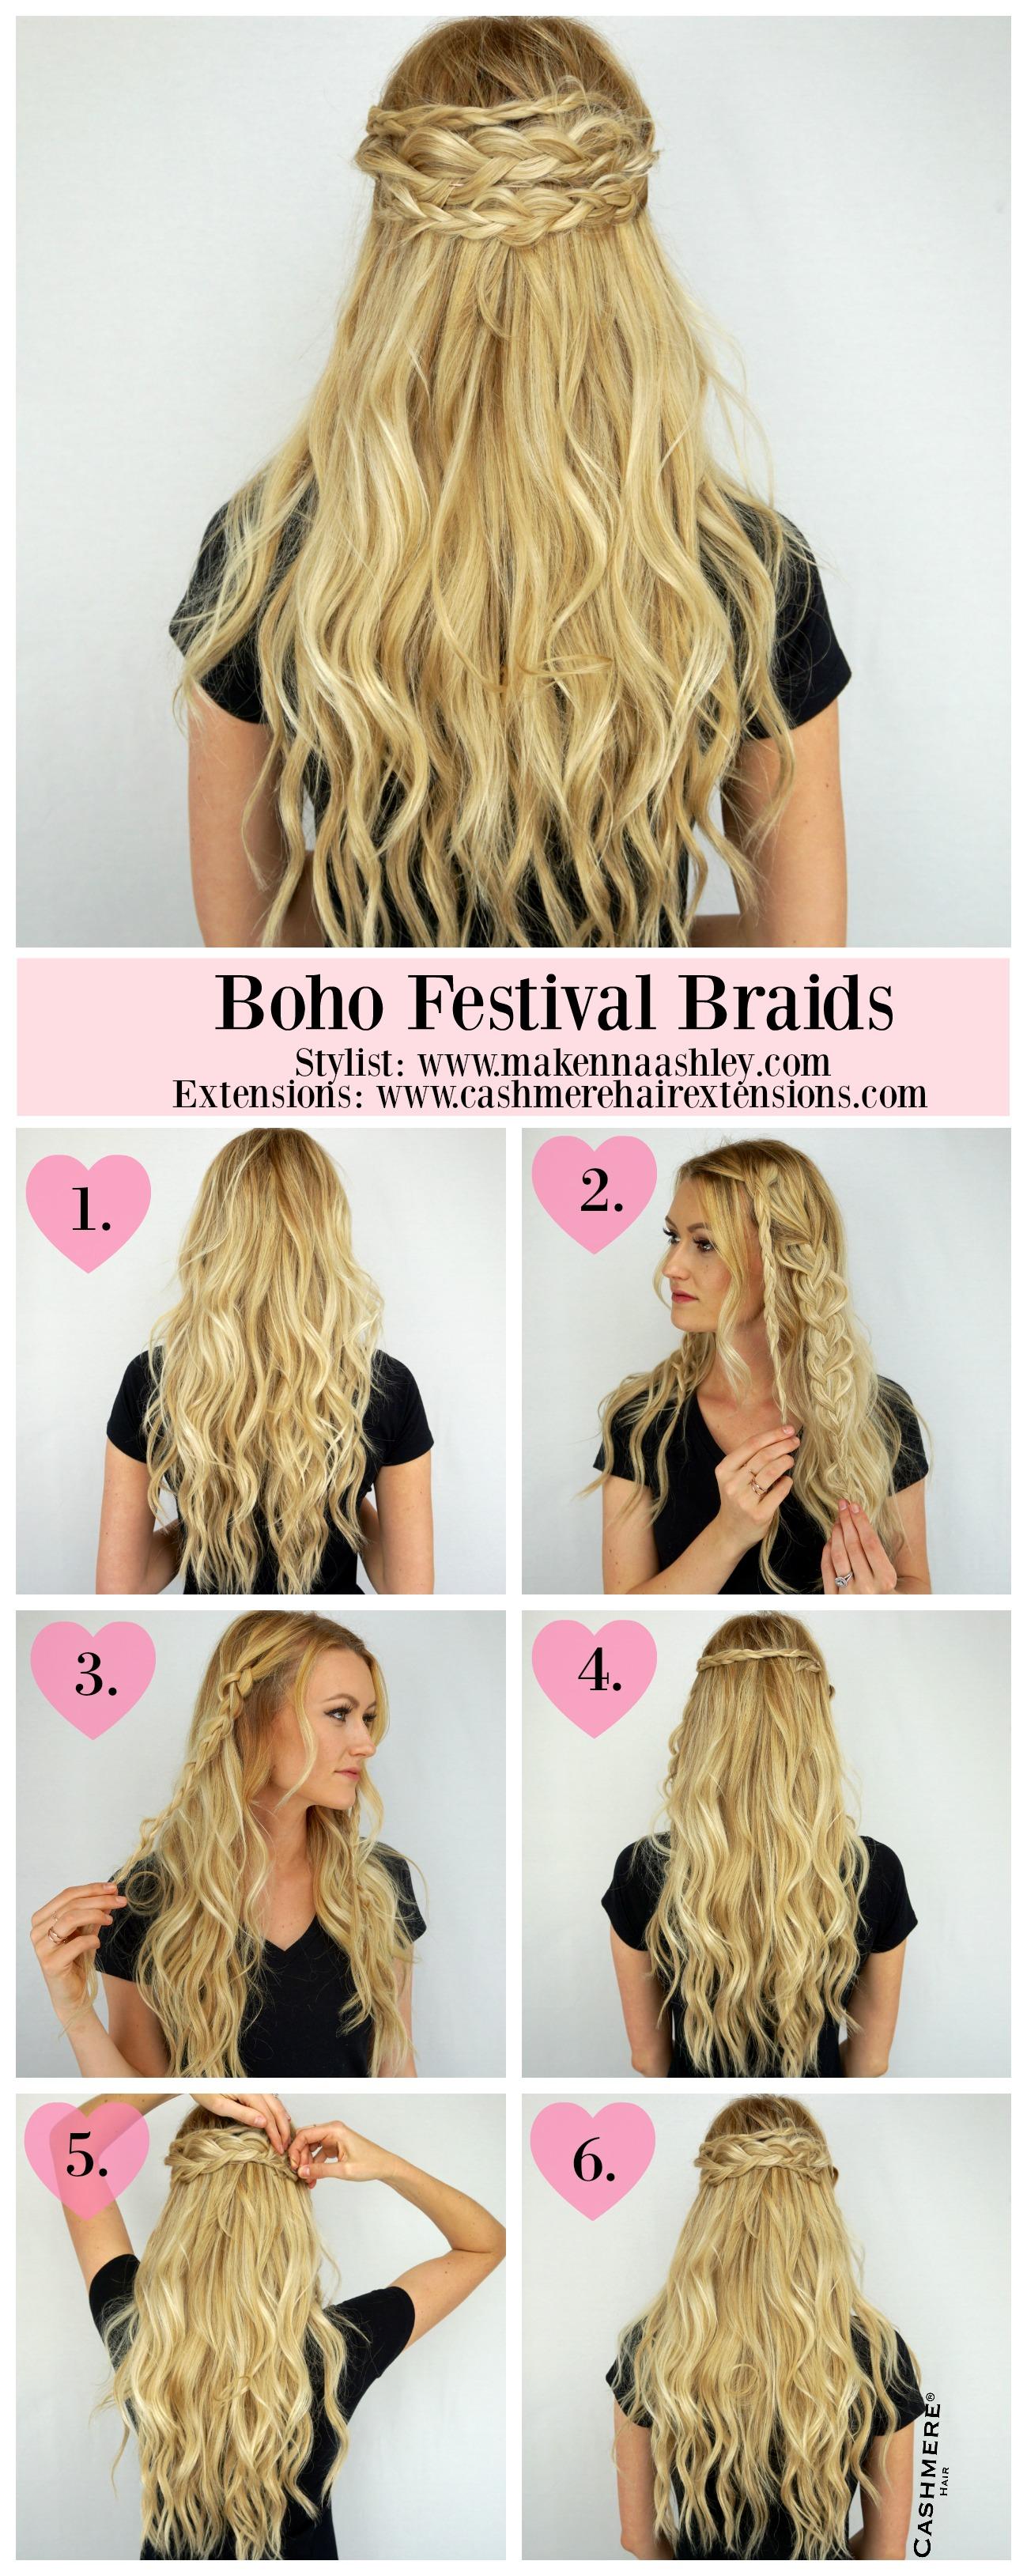 Boho Festival Braids Tutorial